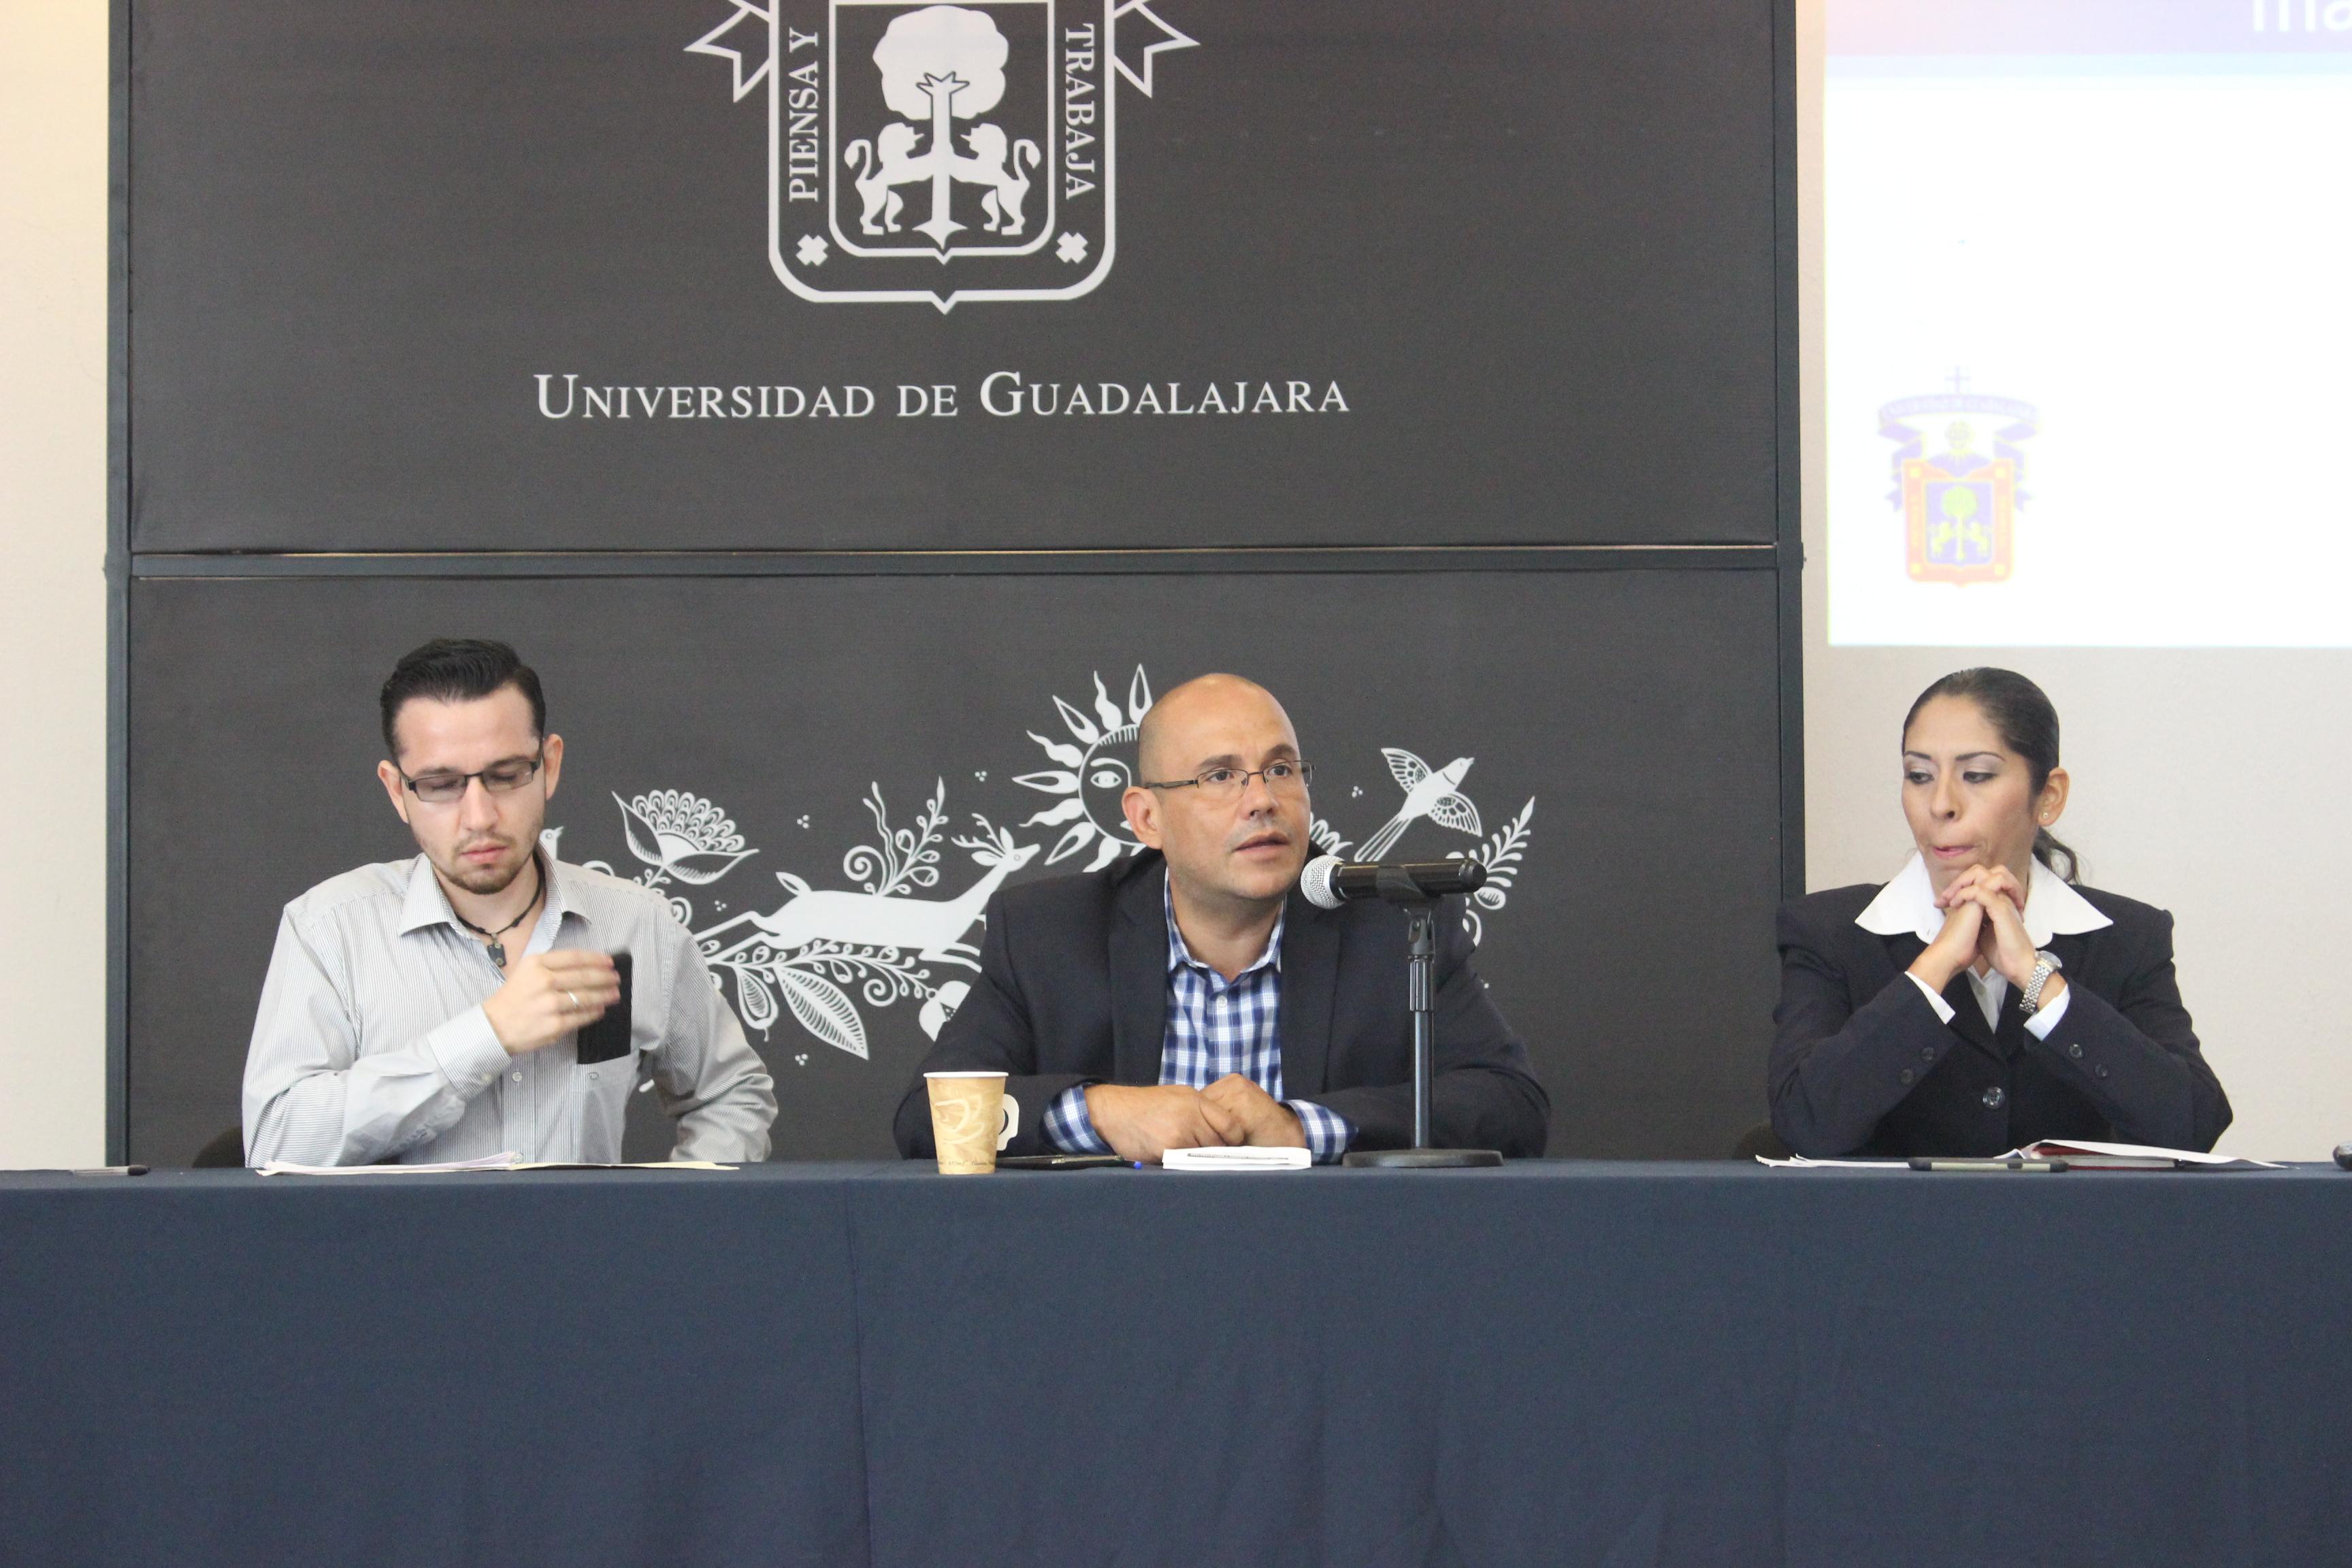 En actividades del Coloquio sobre Procesos Urbanos y Sustentabilidad